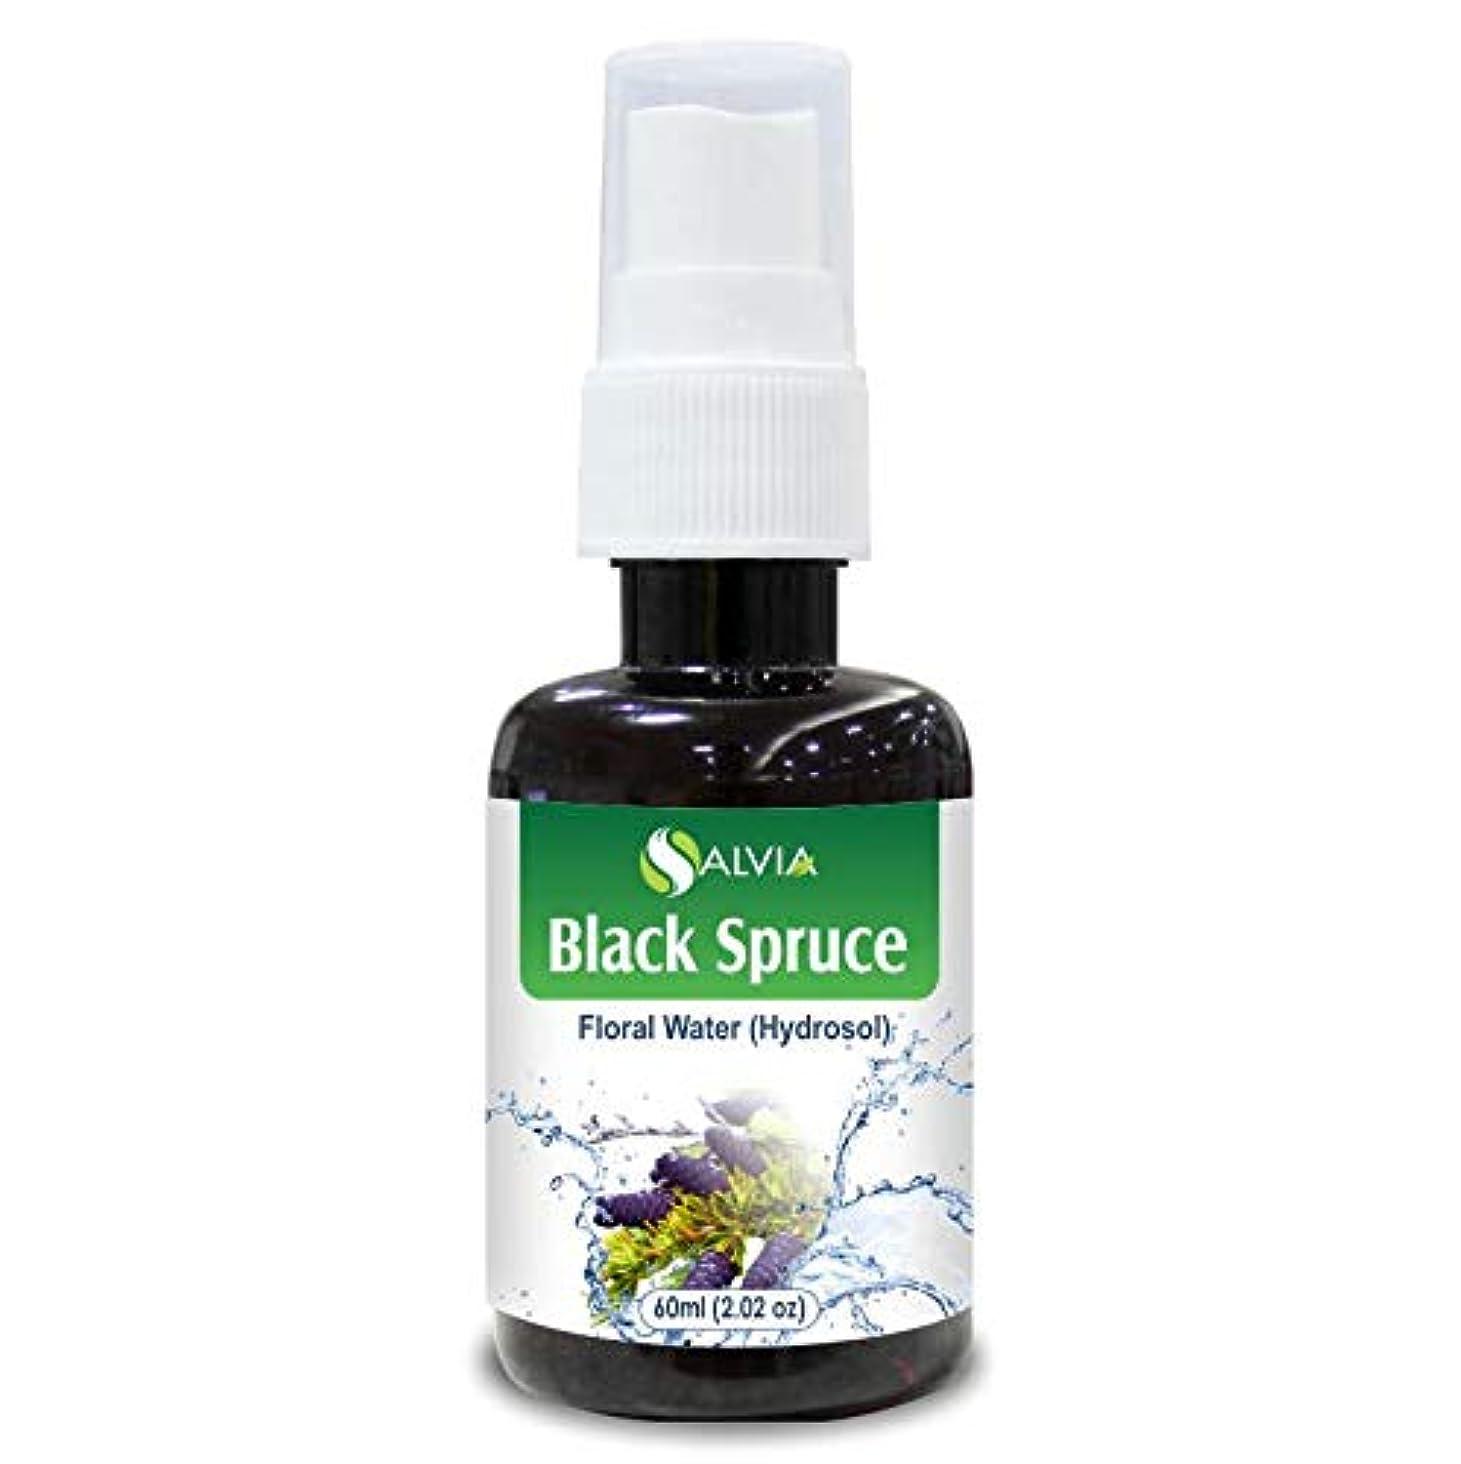 松オーバーフロー委員長Black Spruce Floral Water 60ml (Hydrosol) 100% Pure And Natural